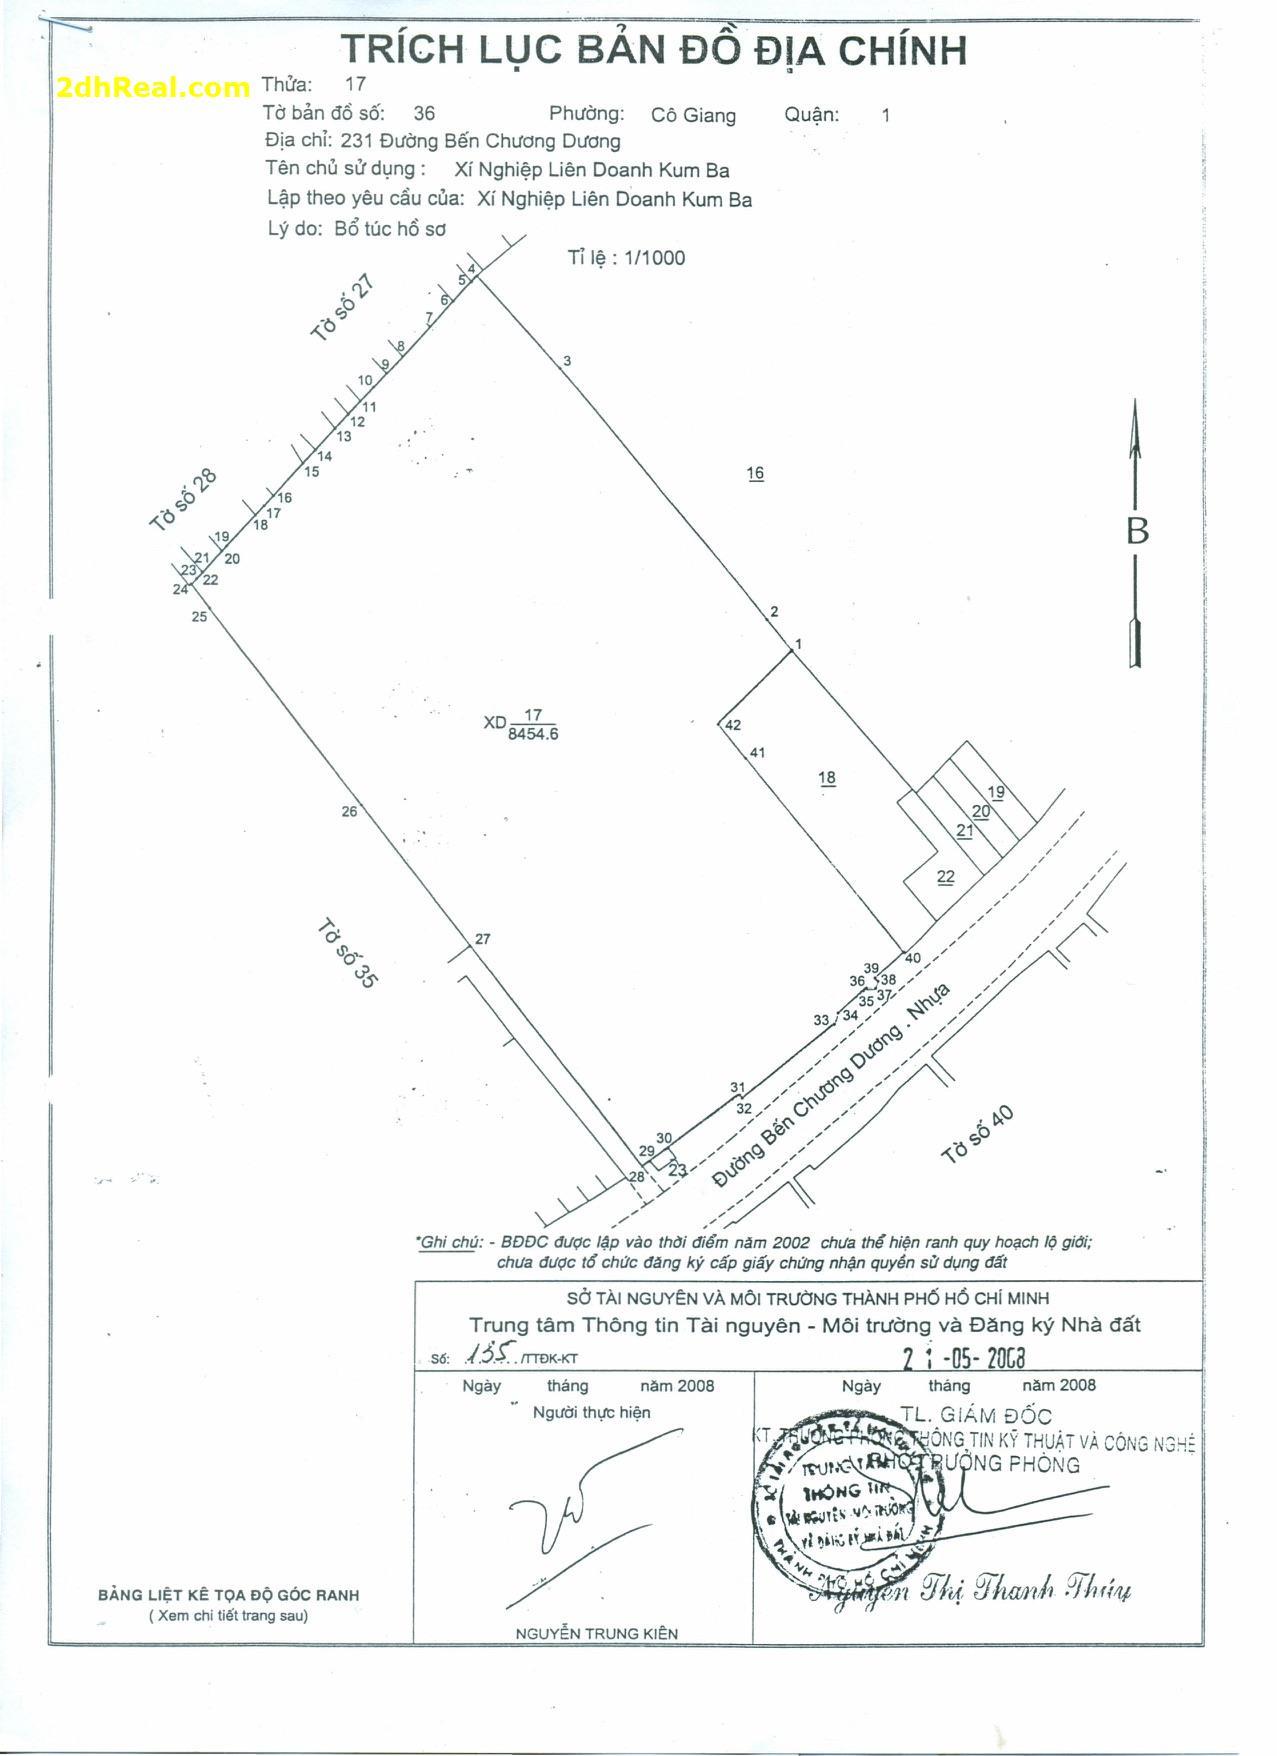 Bán dự án Kum – Ba 6.300m2, 342 Võ Văn Kiệt (231 Bến Chương Dương), phường Cô Giang, quận 1, Tp.HCM